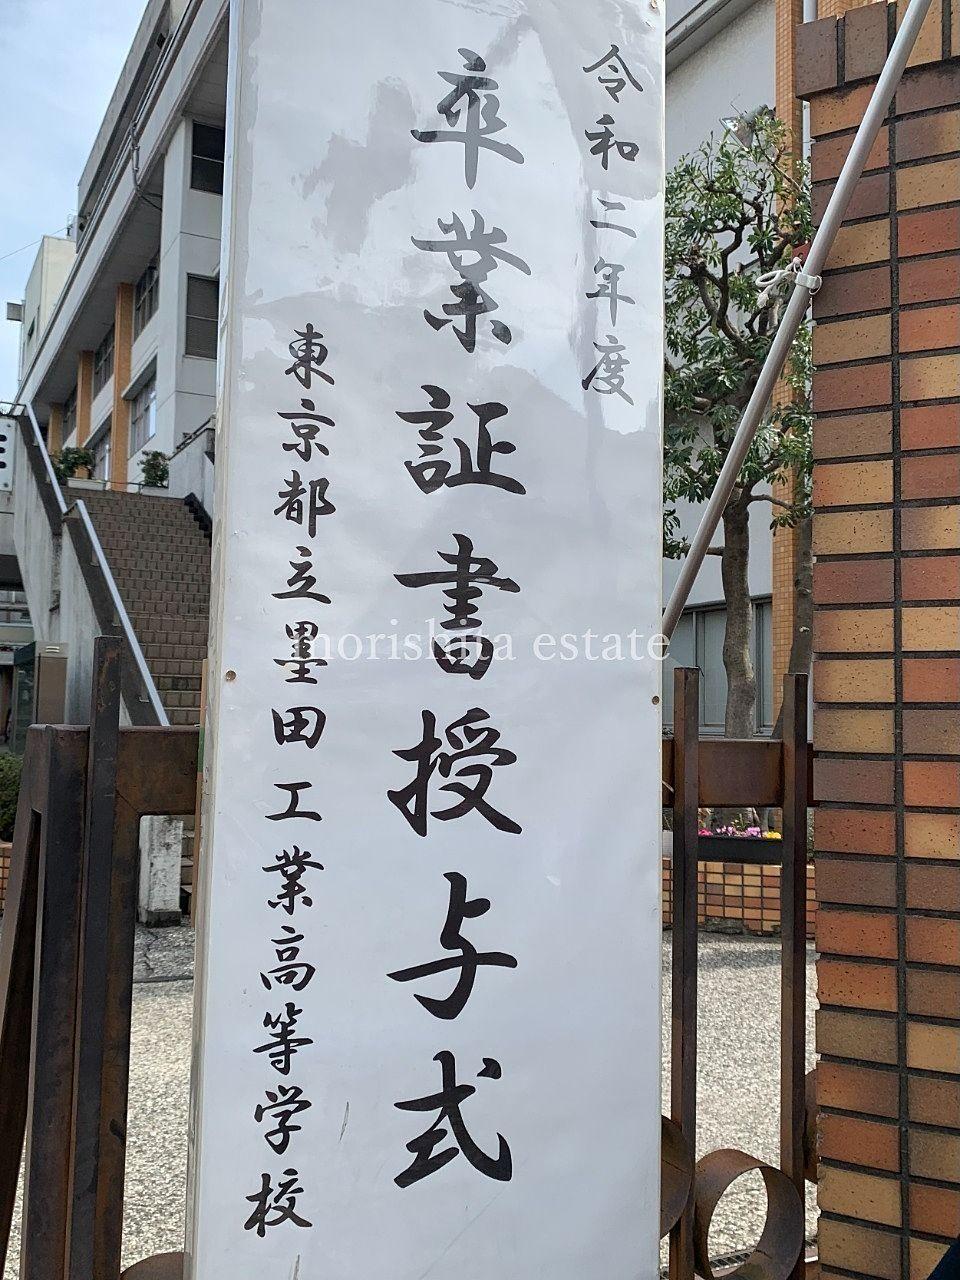 森下 菊川 墨田工業高等学校 卒業証書授与式 画像